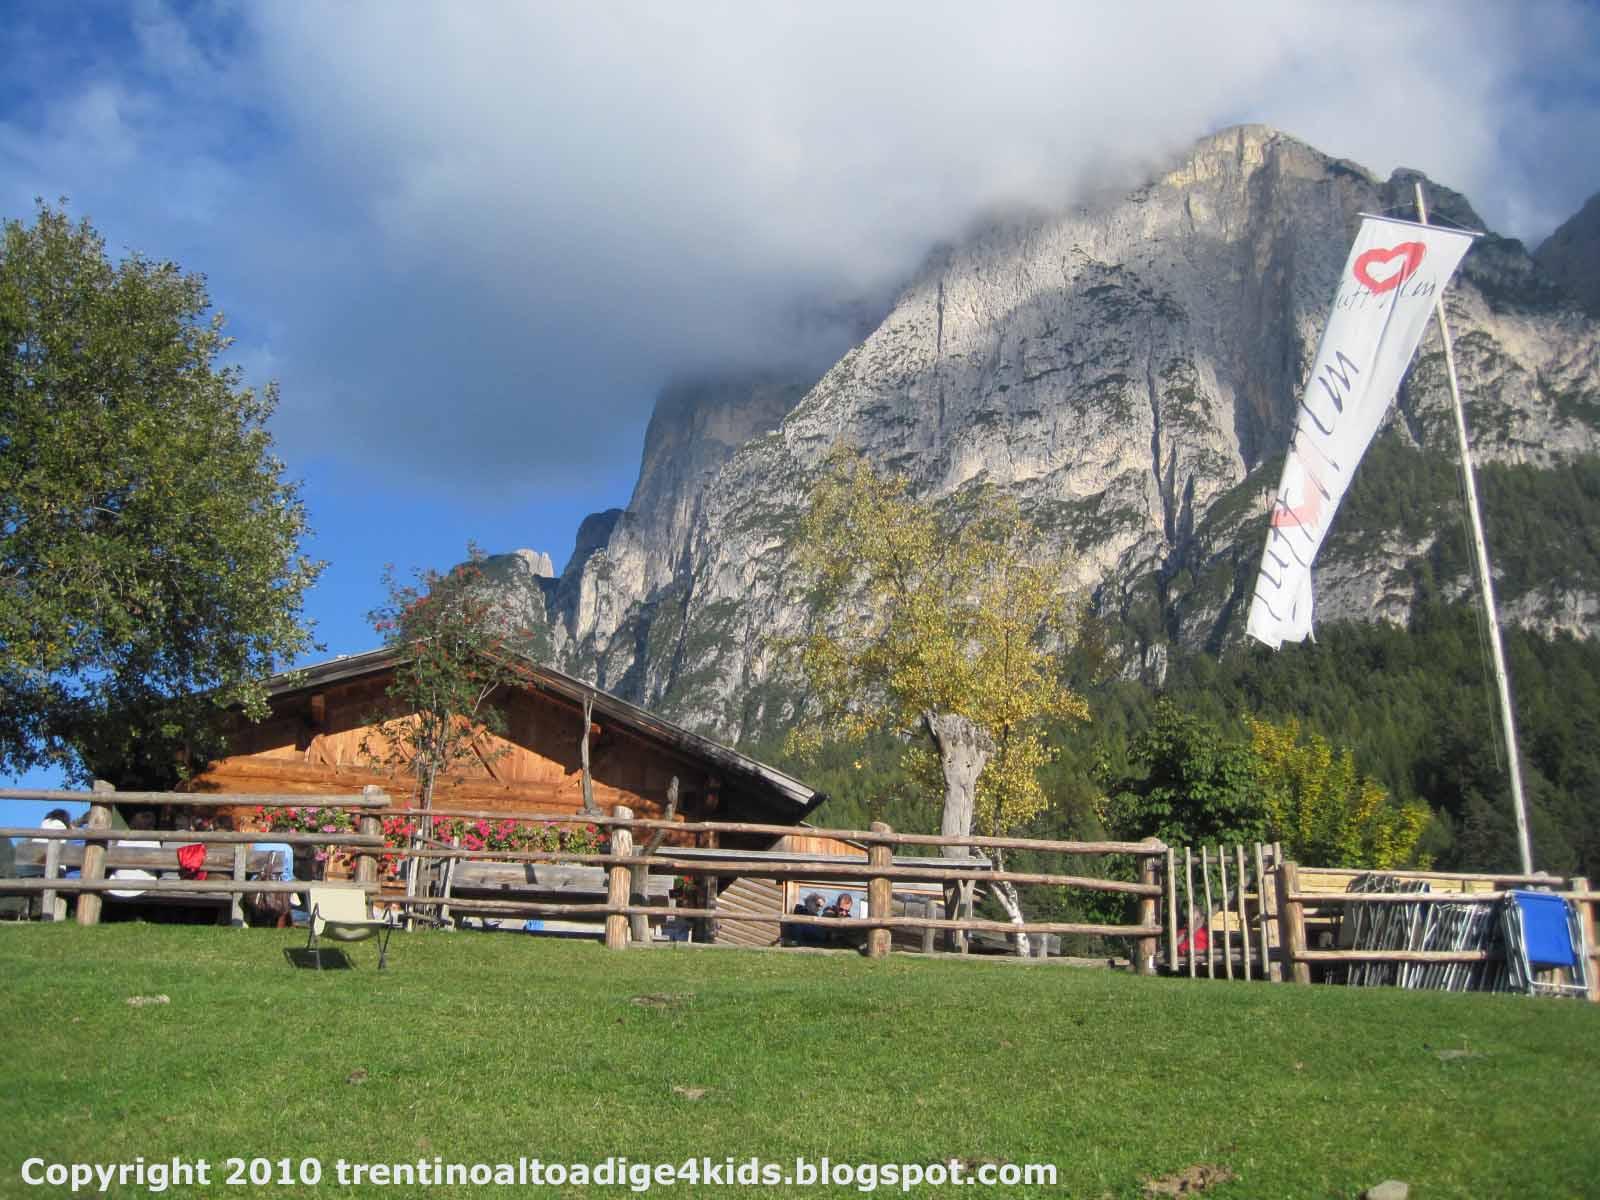 Trentino alto adige per bimbi malga tuff tuffalm e il for Necrologi defunti bolzano giornale alto adige